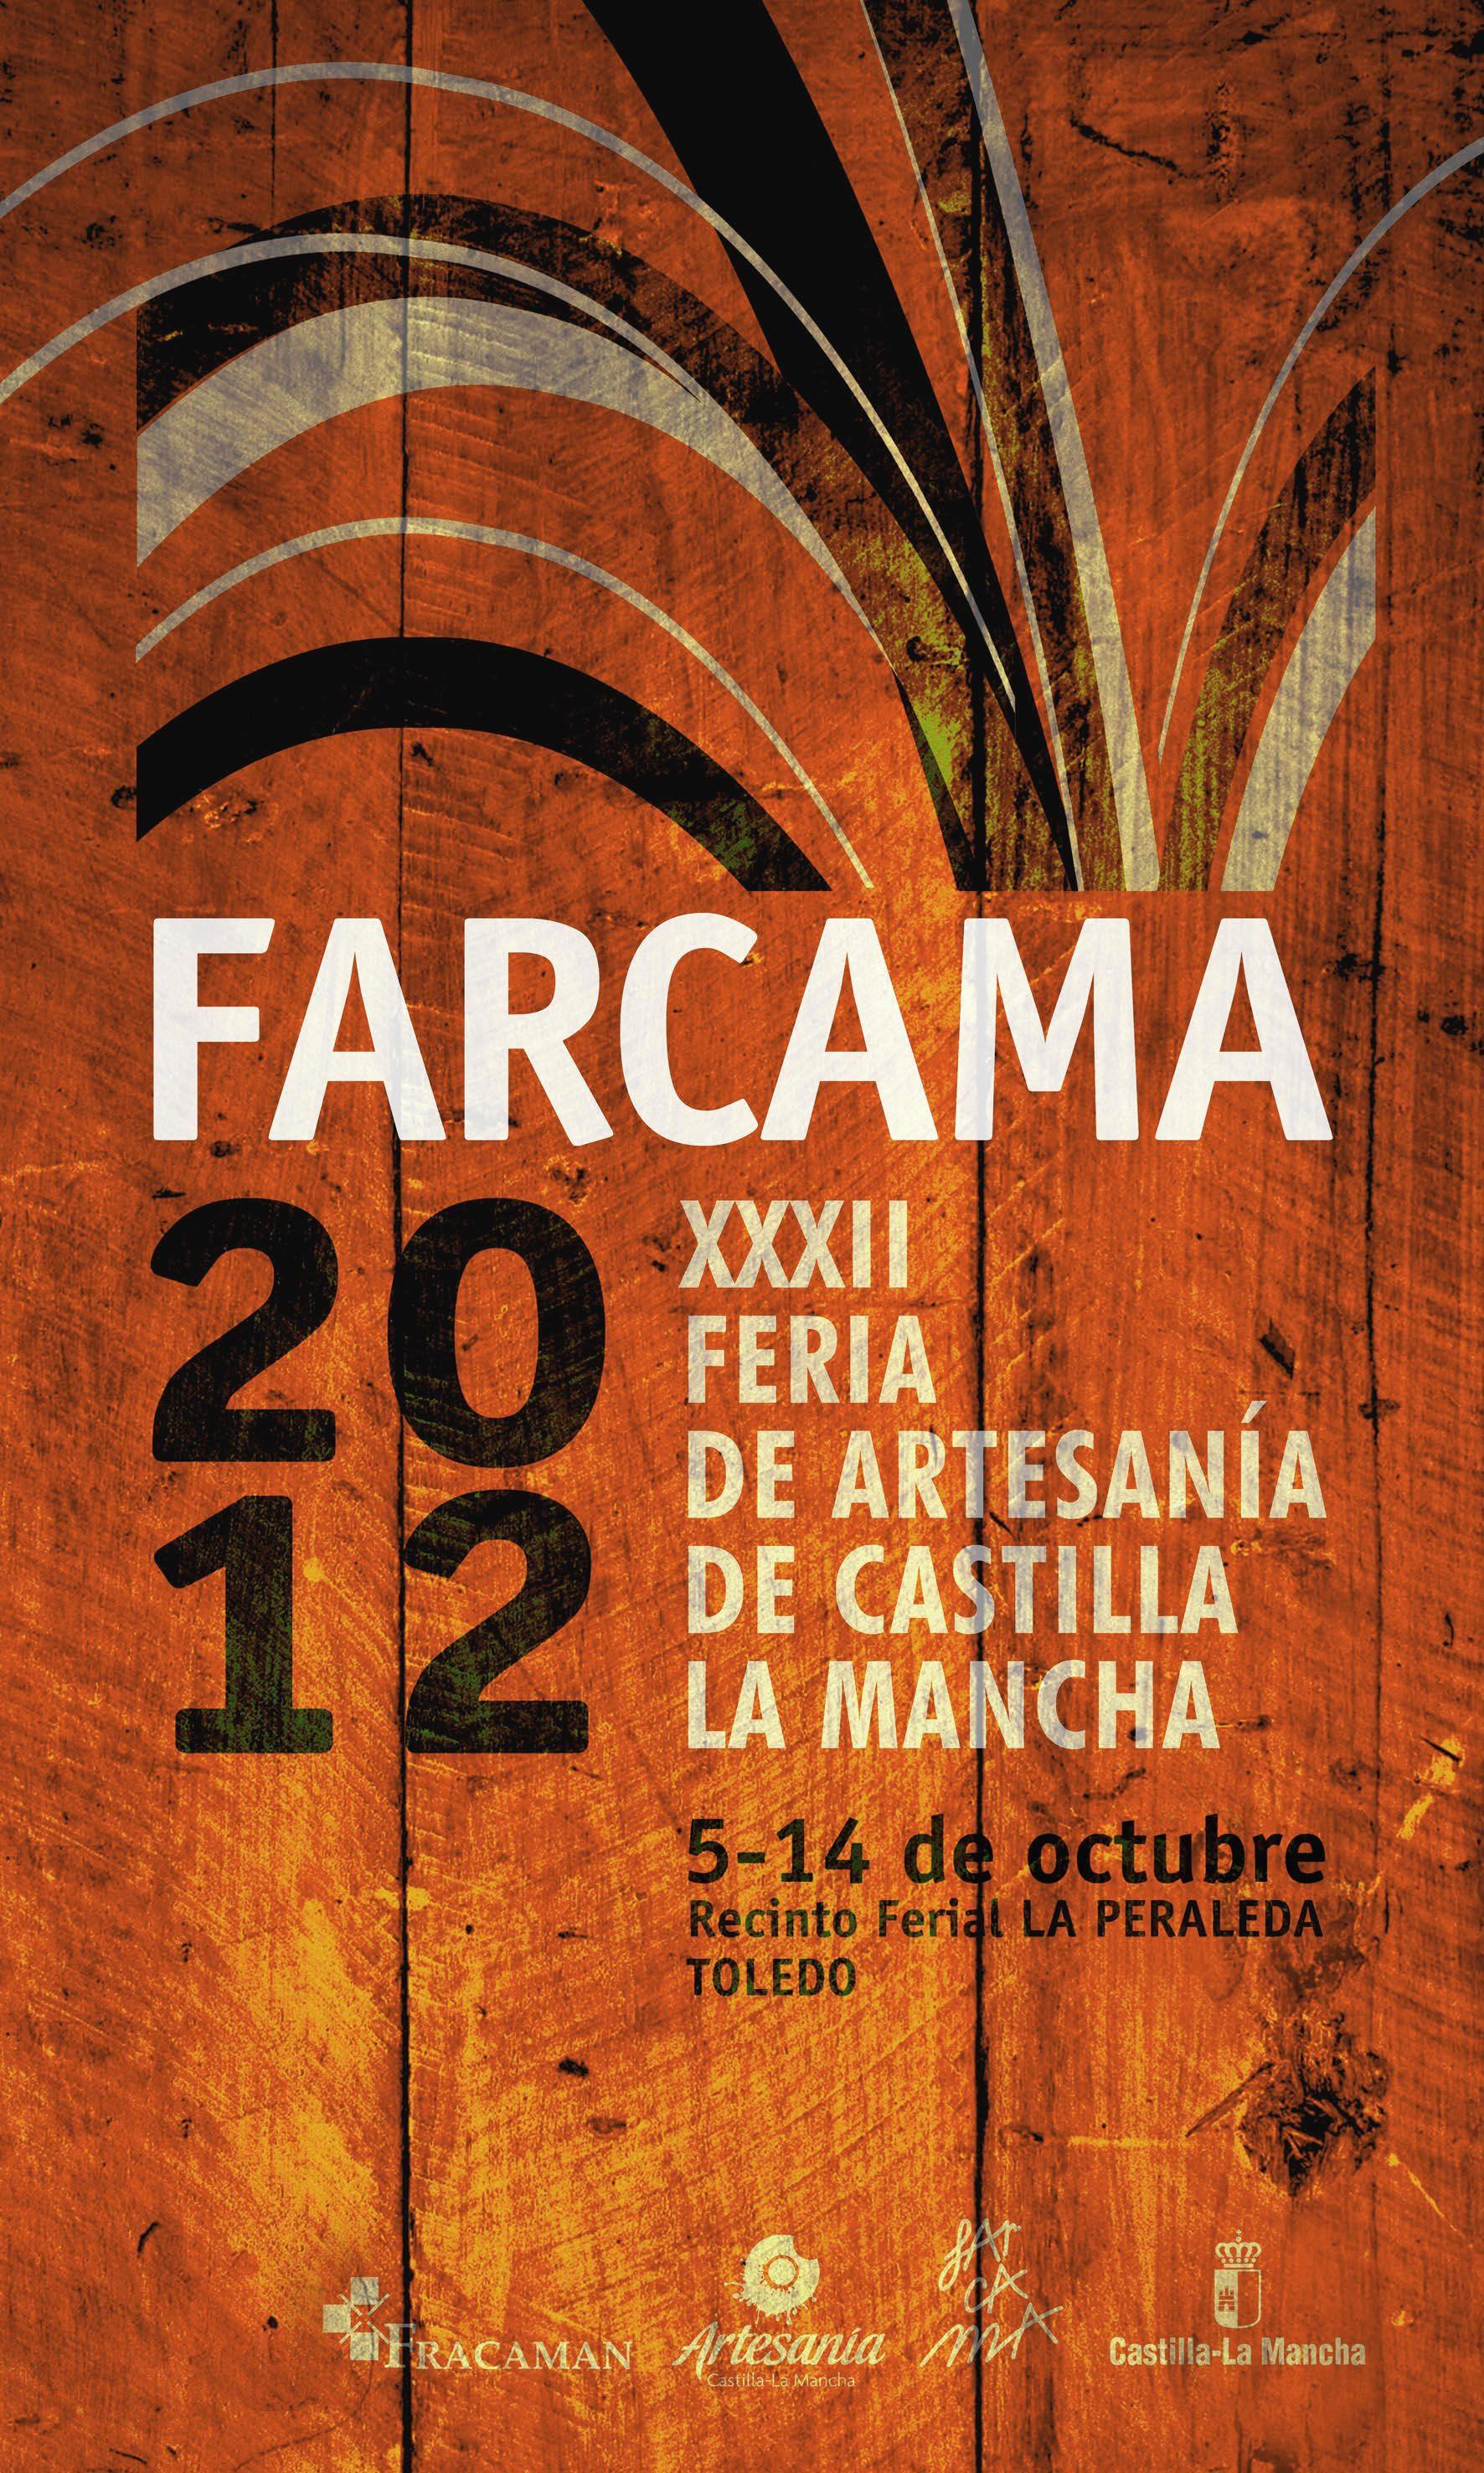 Cartel FARCAMA 2012